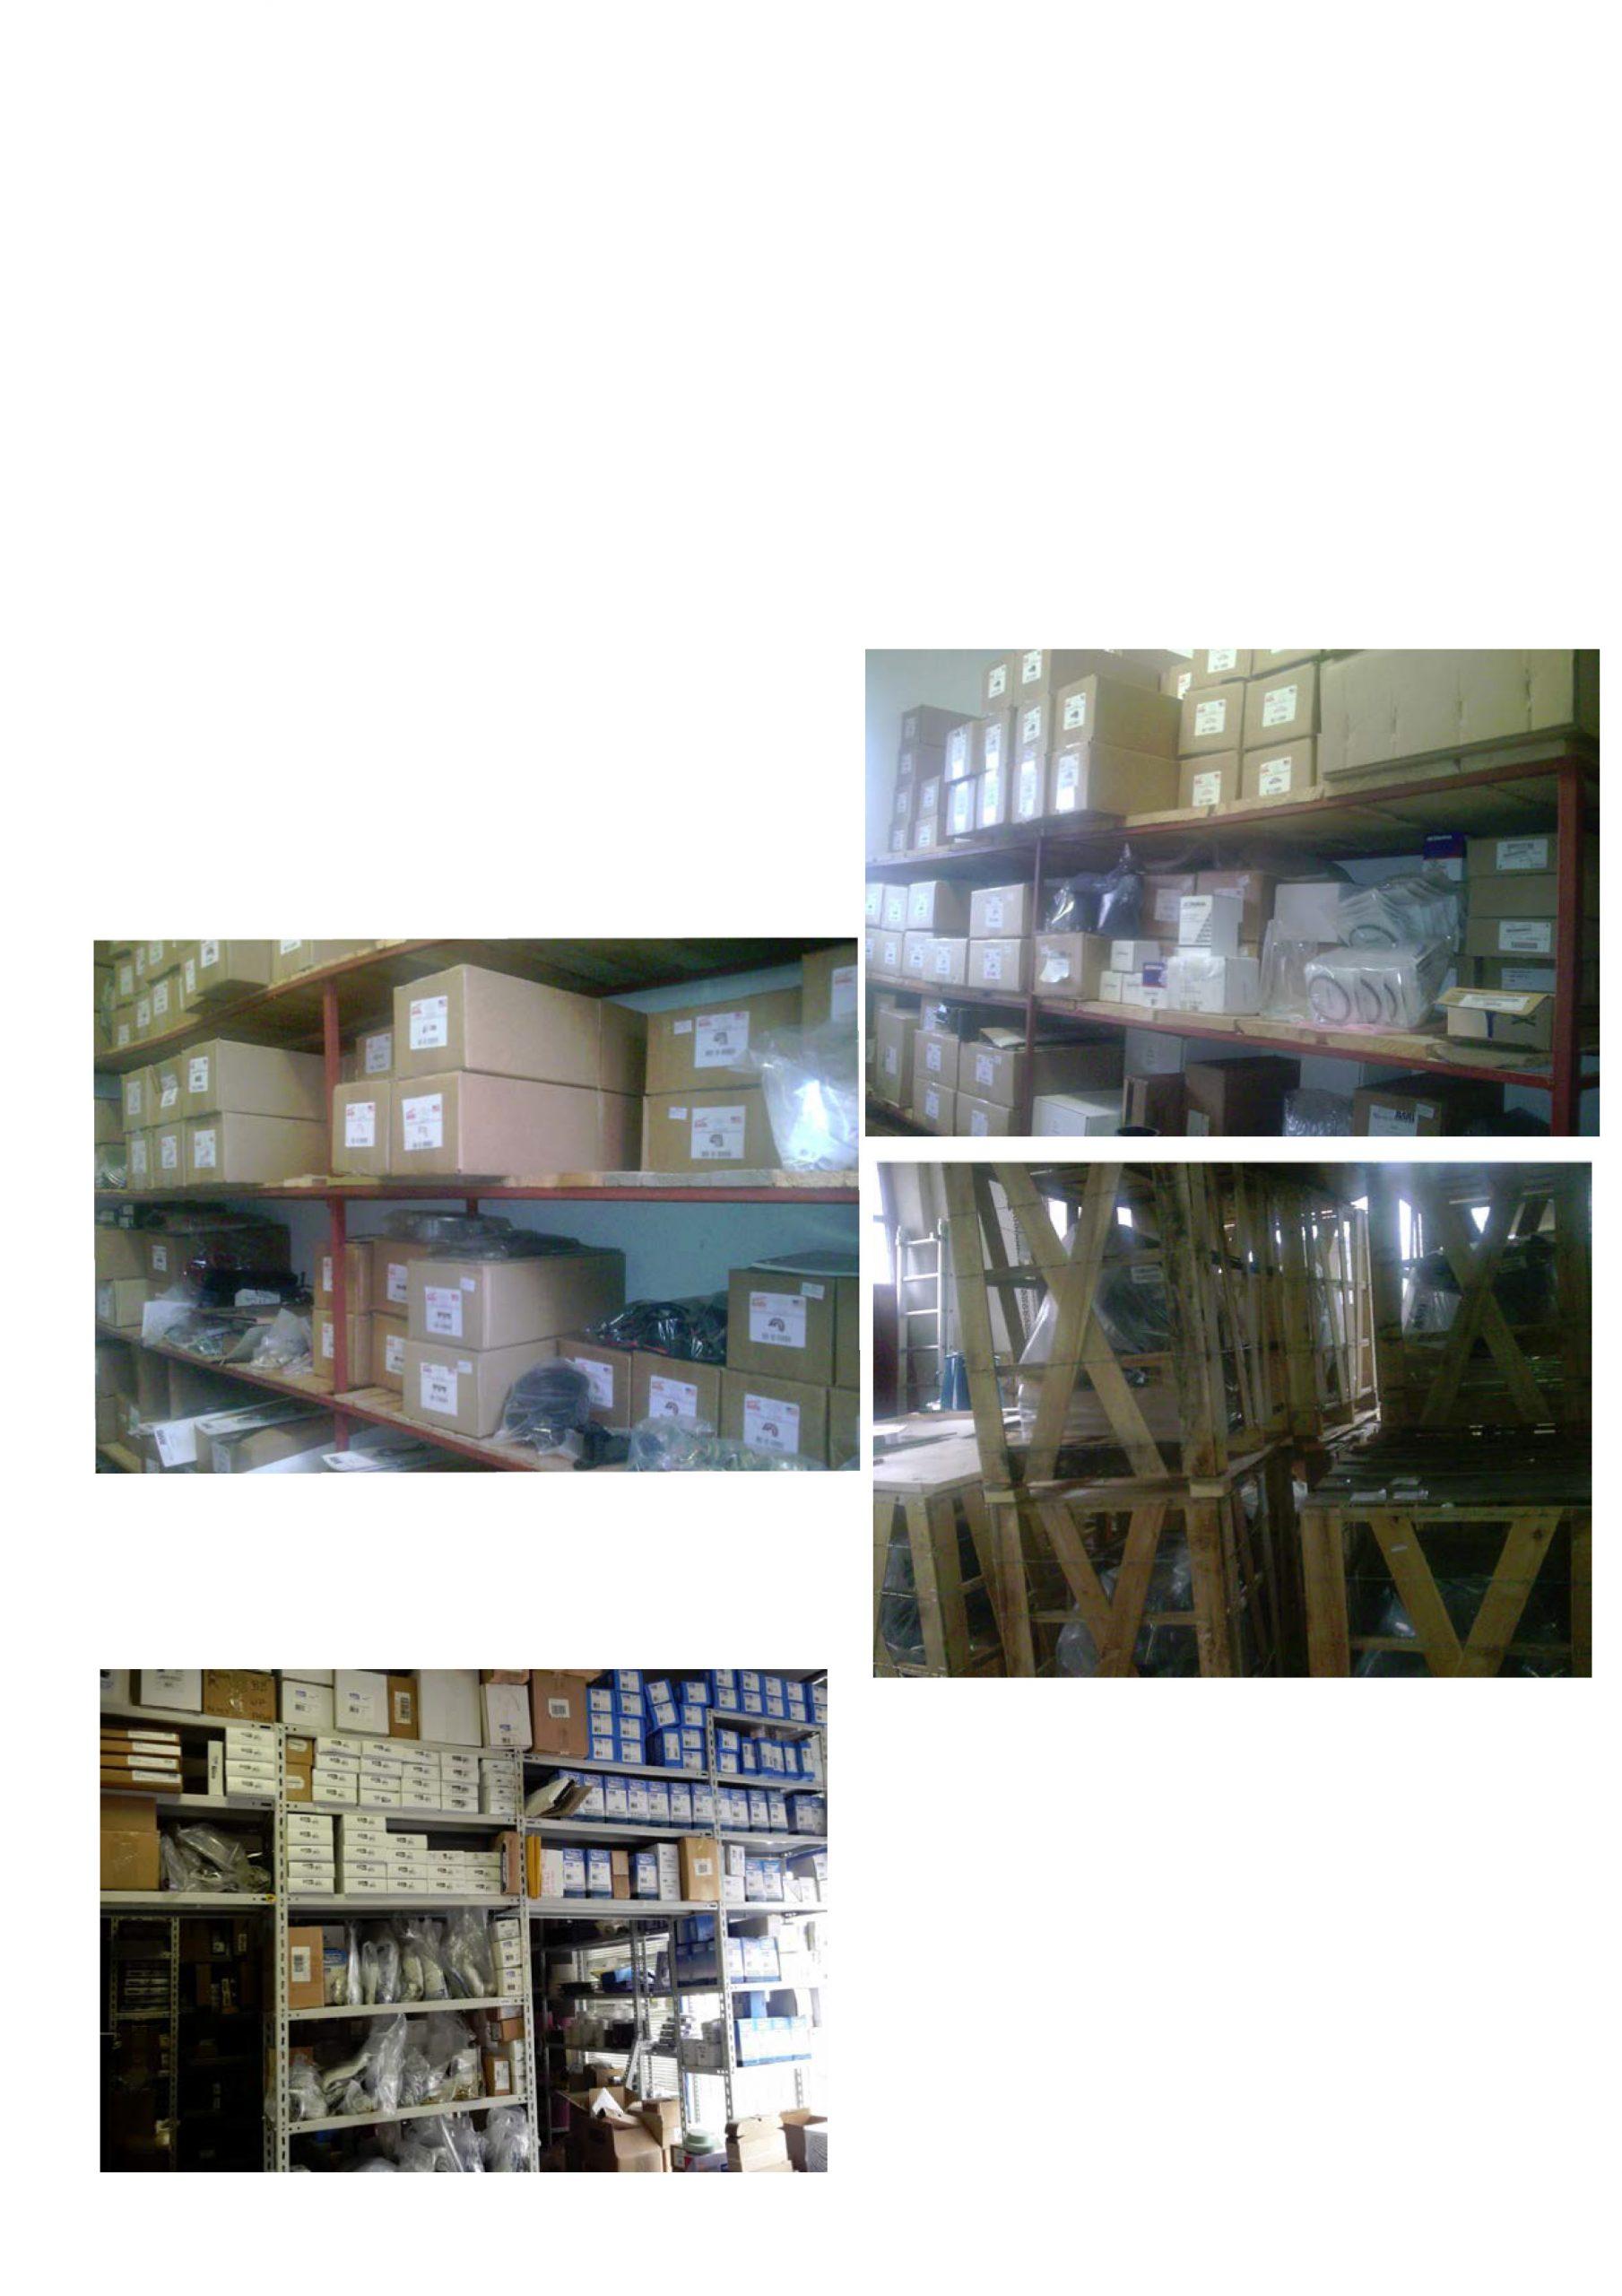 hak_skladište